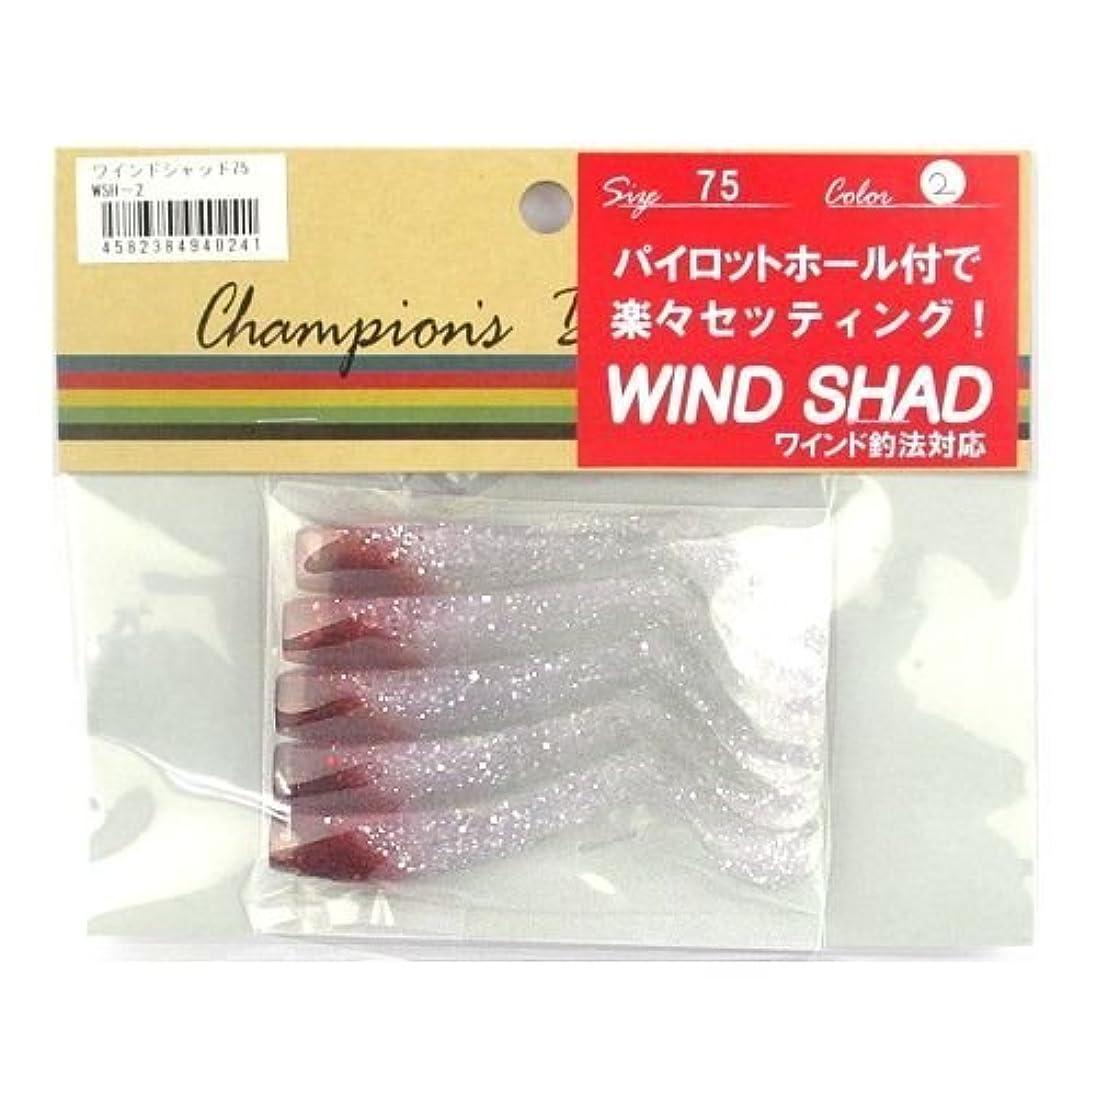 傑出した知るからオンスタックルデザイン ワインドシャッド 75 02 スパークルレッドヘッド